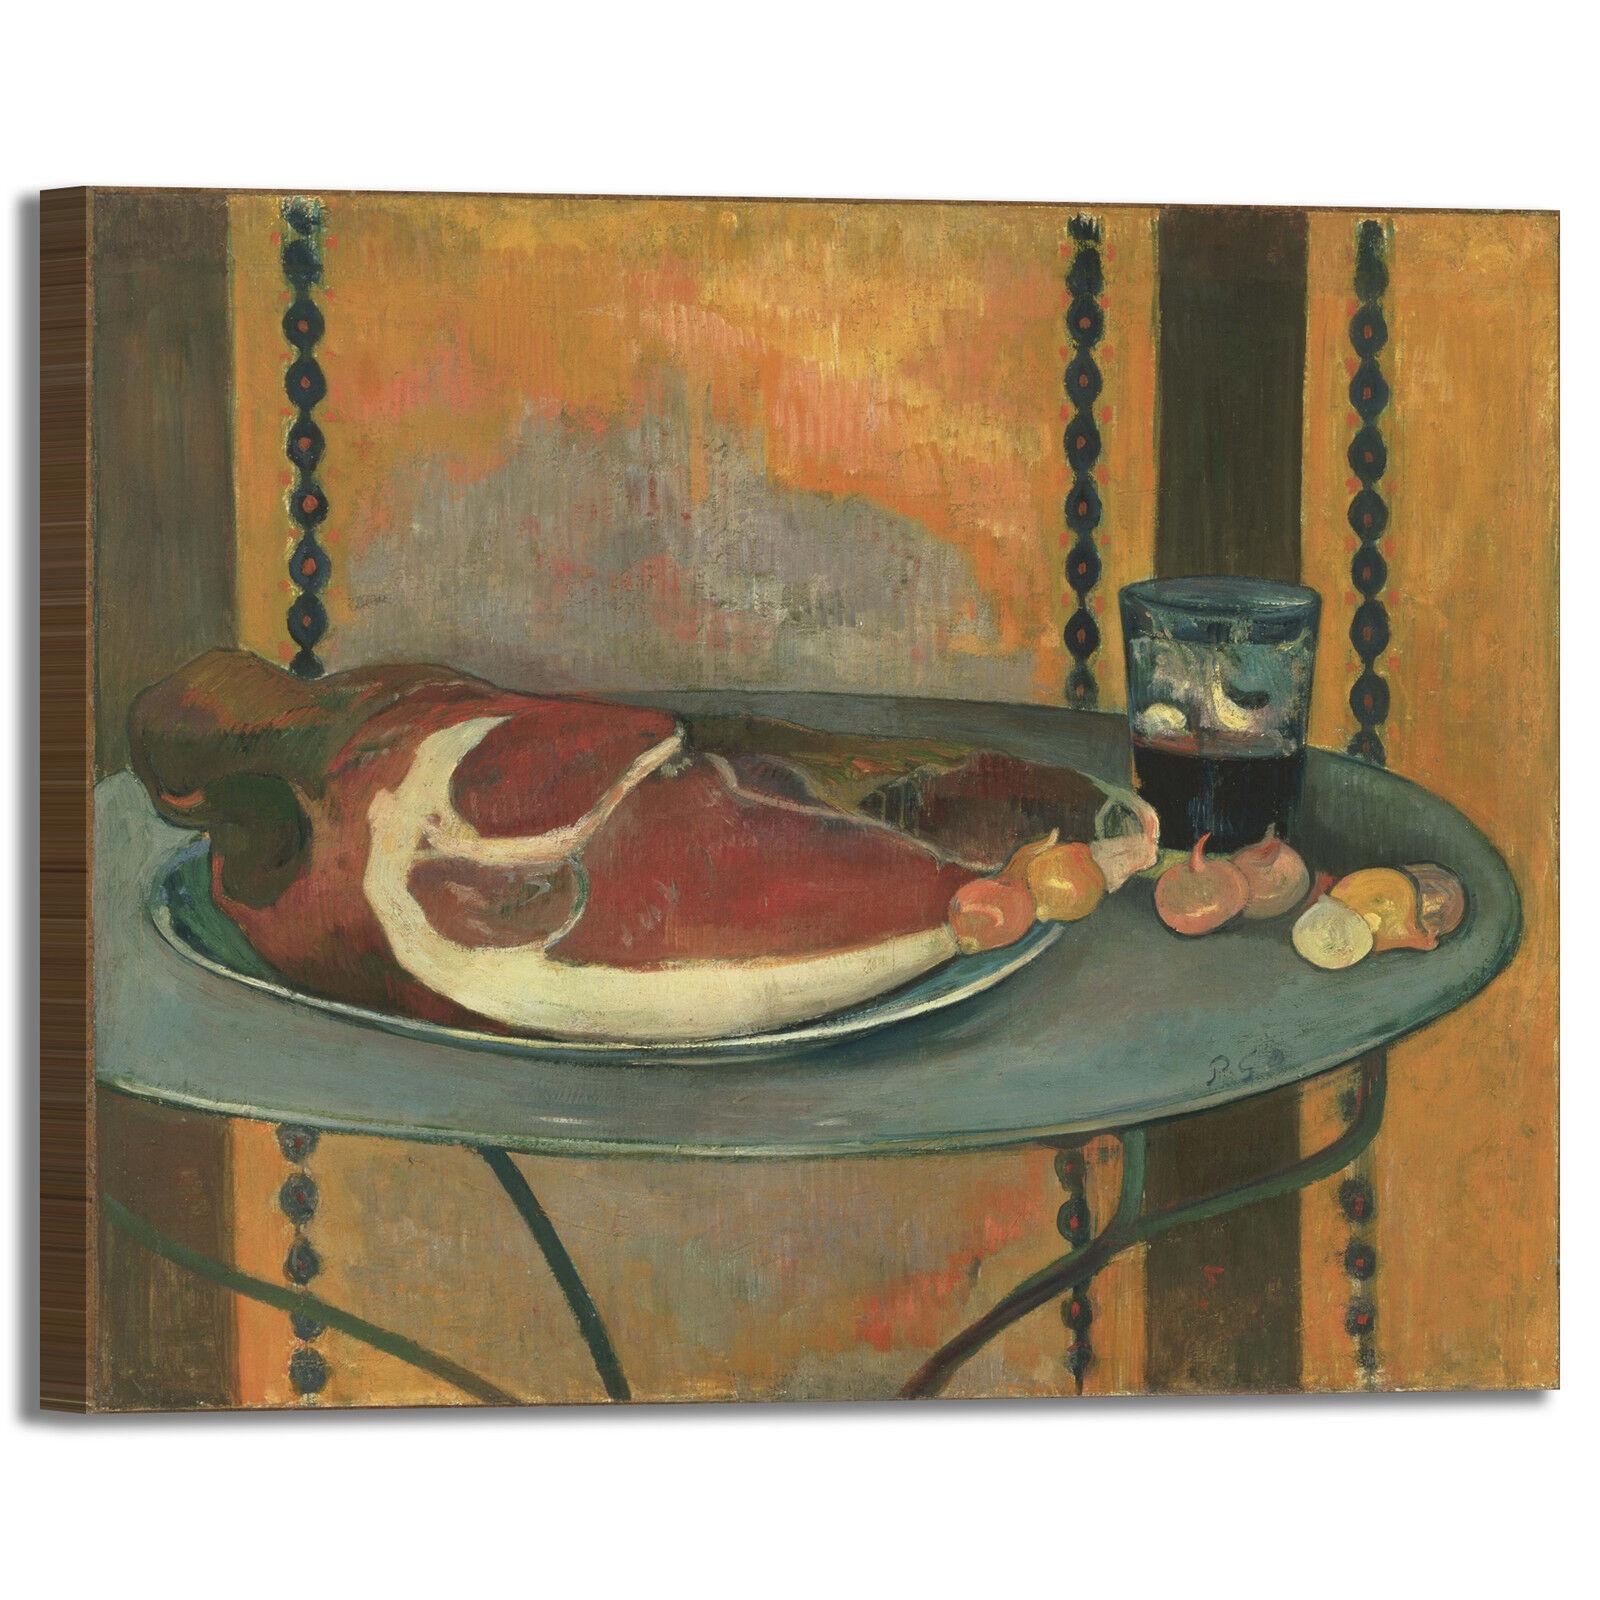 Gauguin il prosciutto design quadro stampa tela dipinto telaio arroto casa